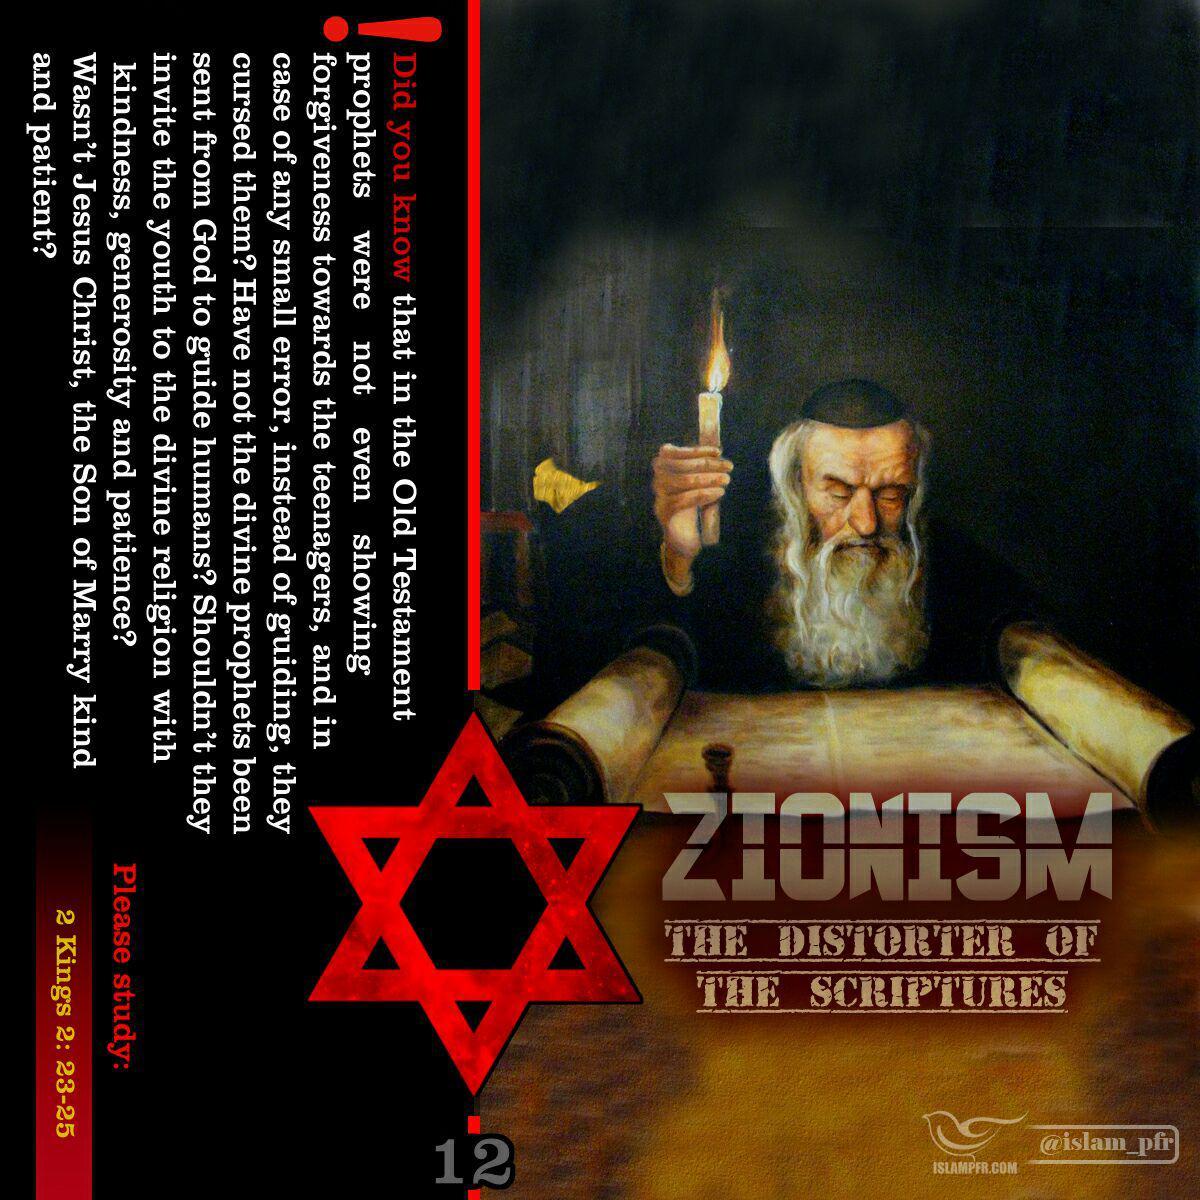 zion+zionism+israel+jews+jewry+zionists